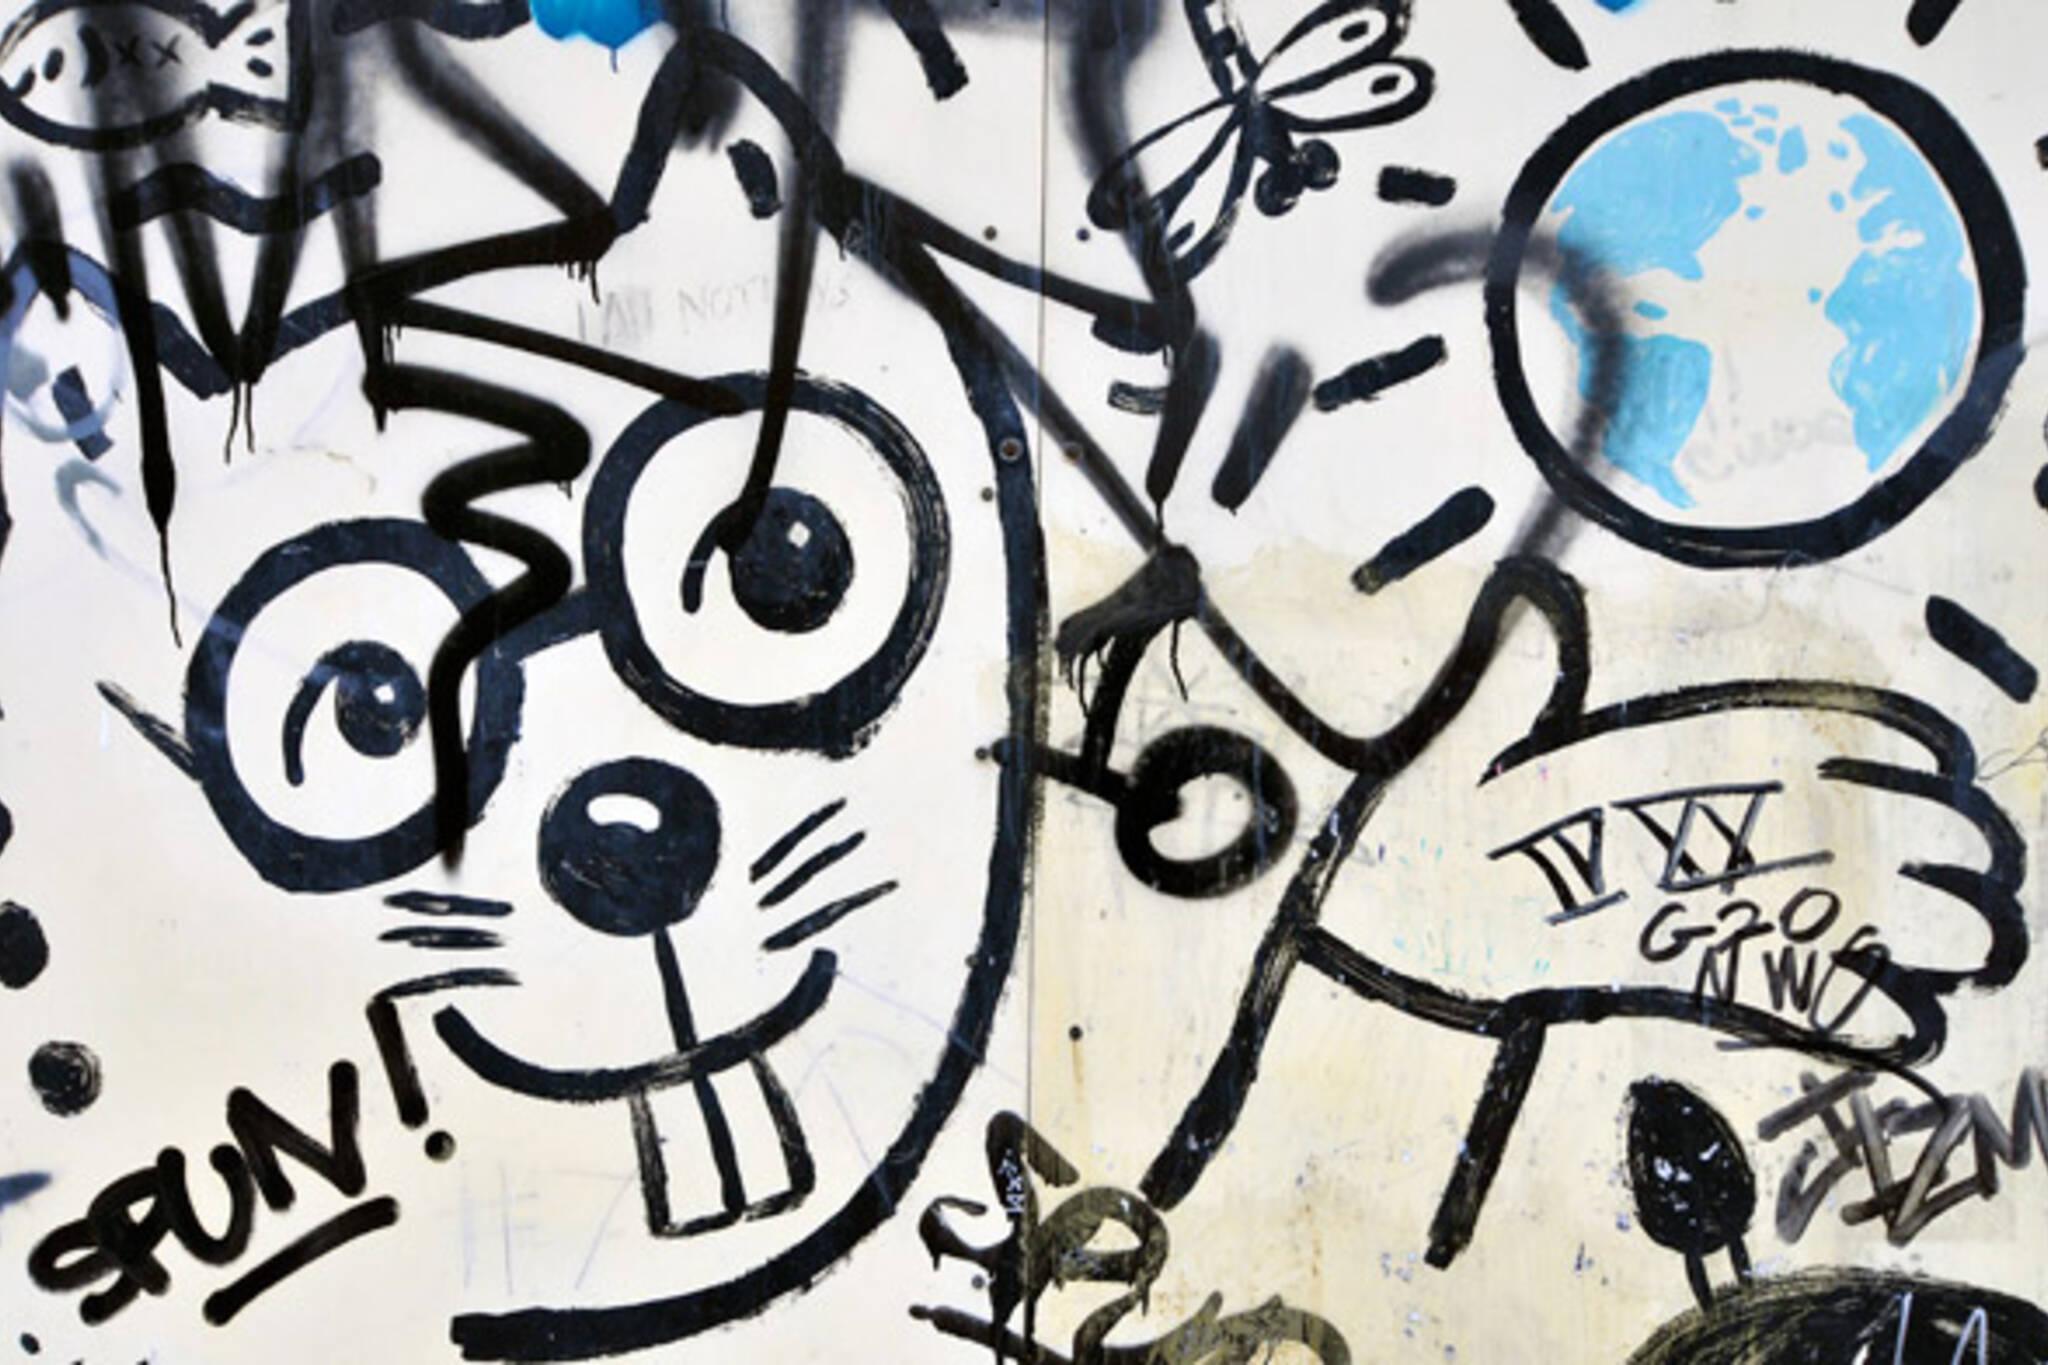 Toronto Graffiti blitz